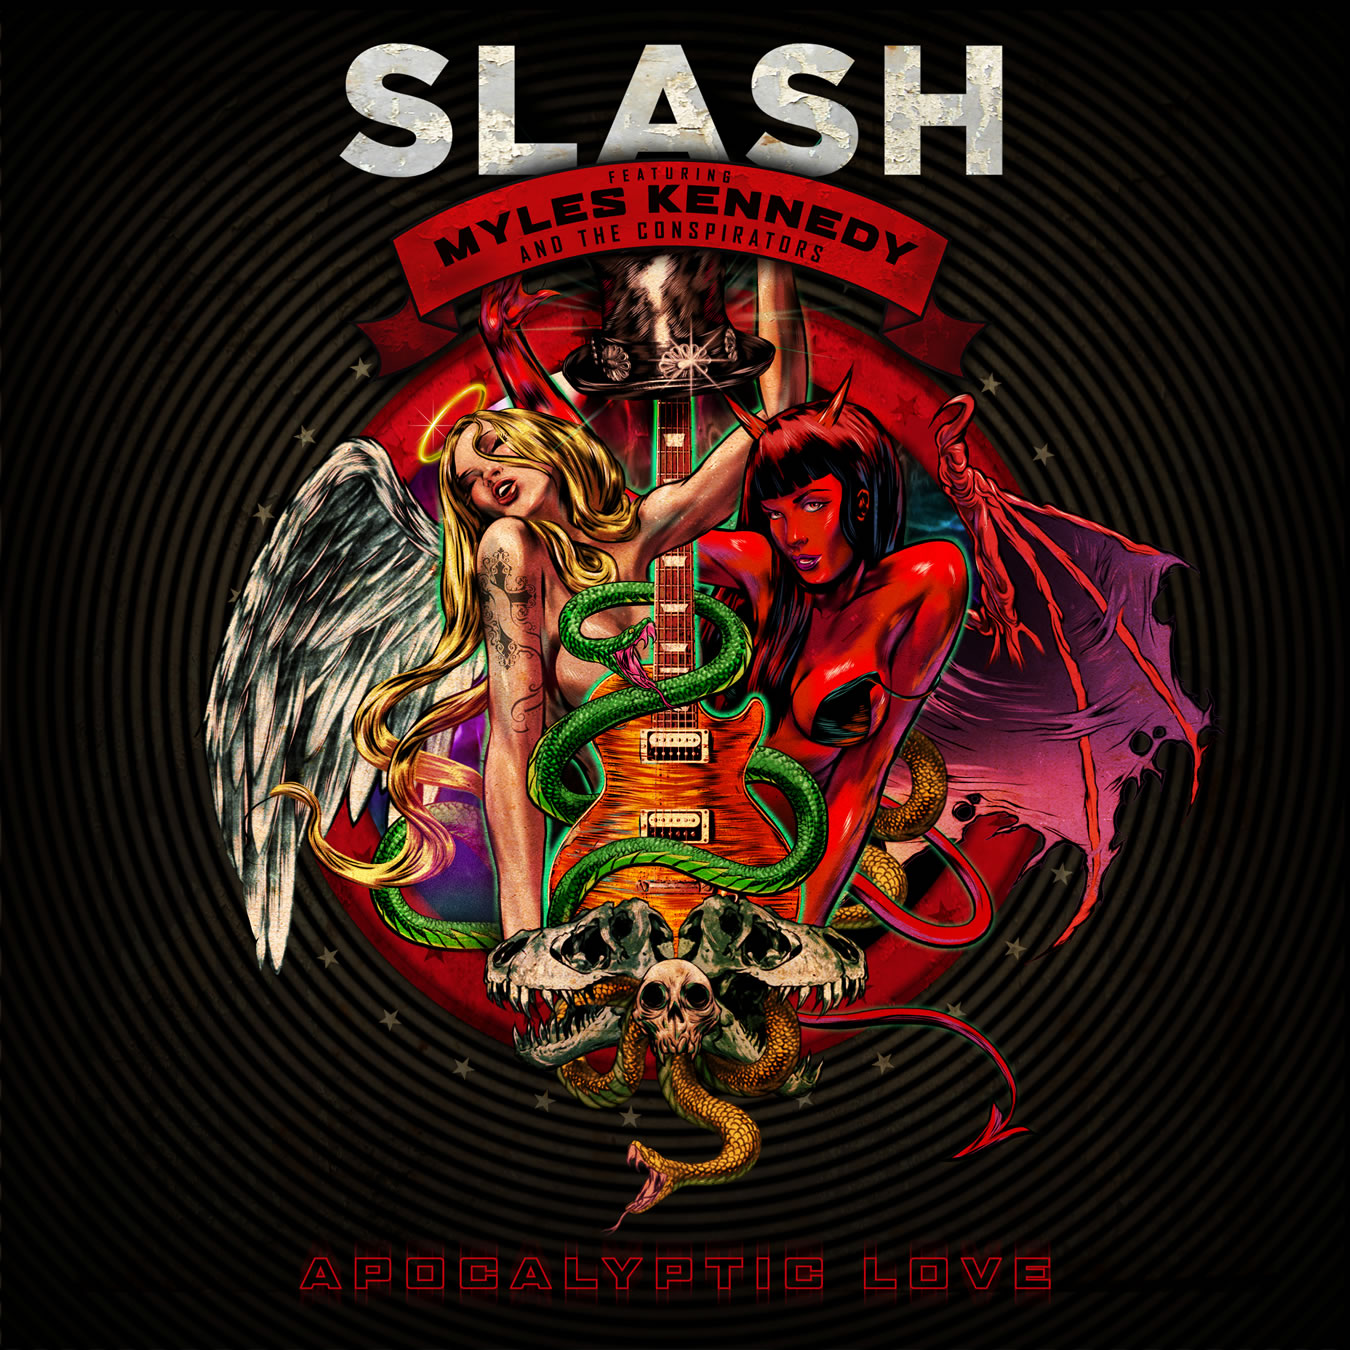 http://3.bp.blogspot.com/-znsXf-GgVsQ/UBnaP1uXgDI/AAAAAAAAAKs/KWY7EAESF9Q/s1600/slash-apocalyptic-love.jpg